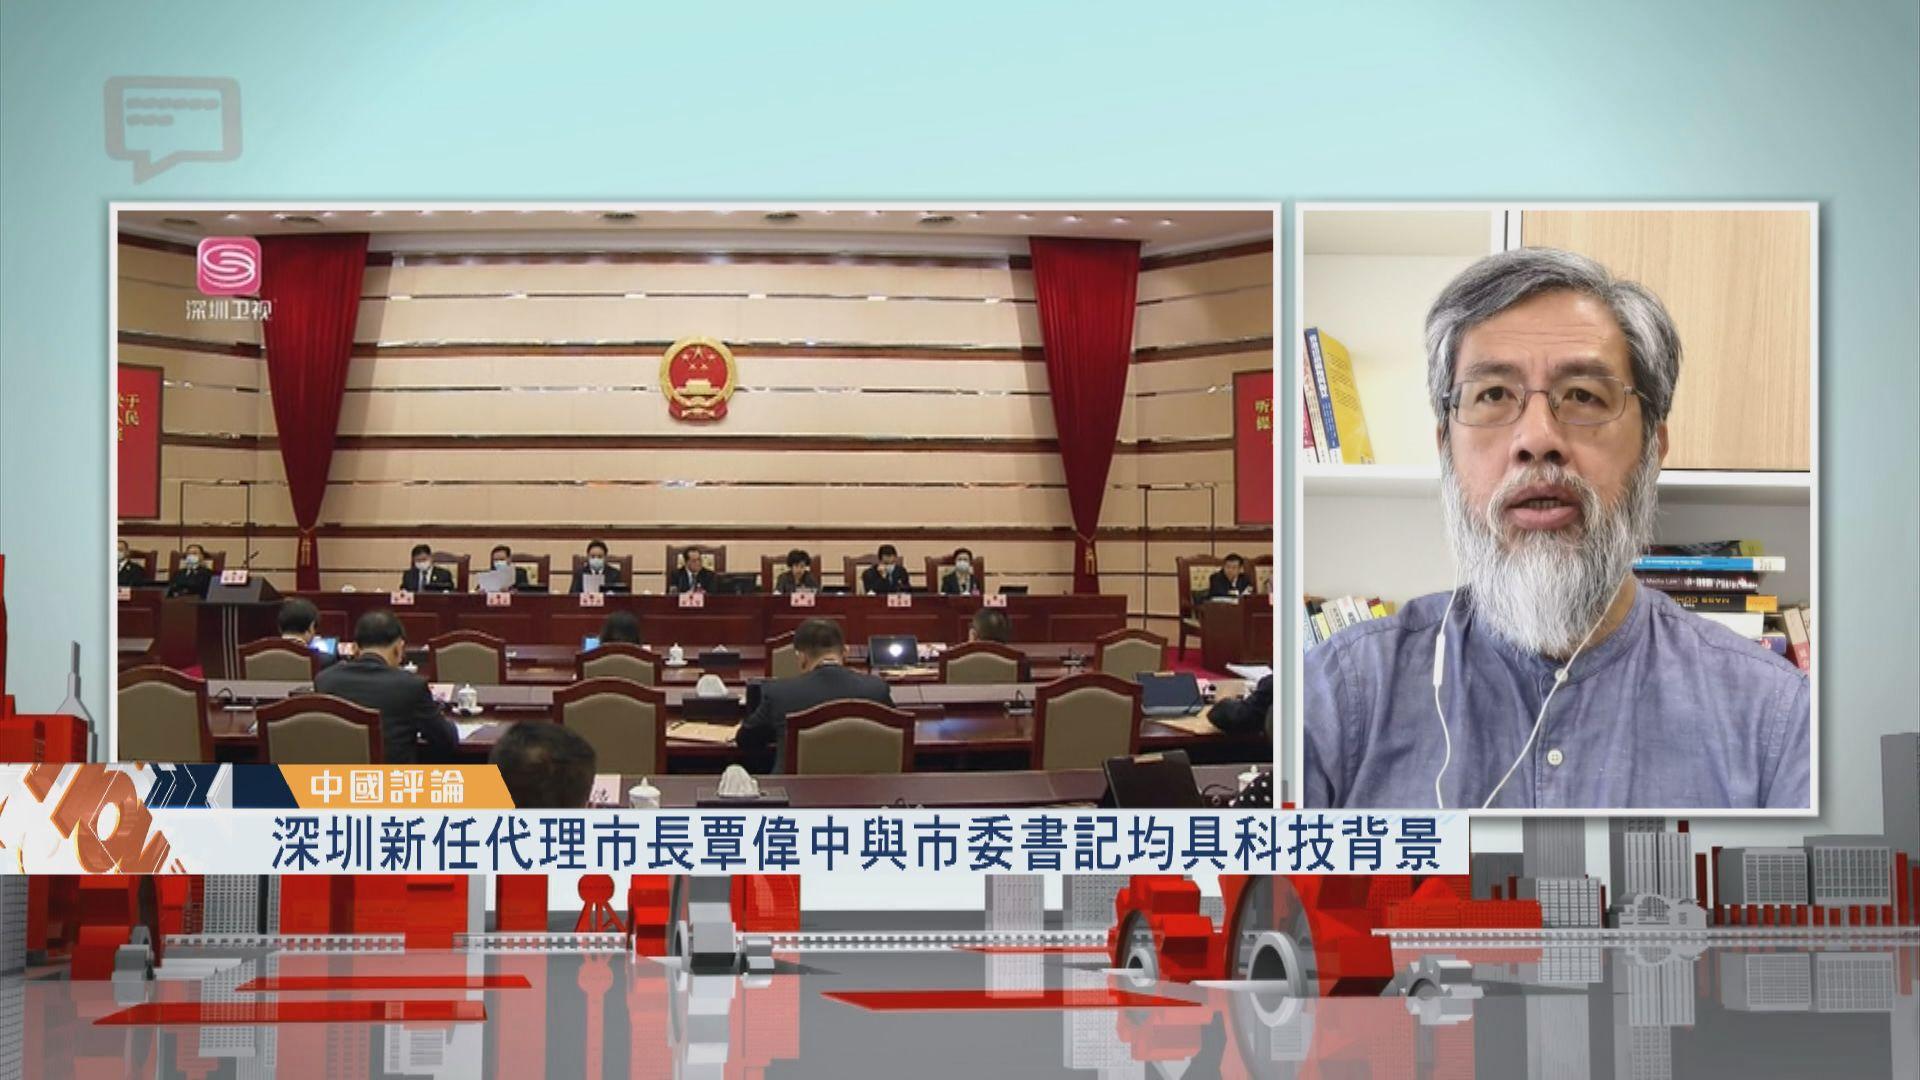 【中國評論】深圳新市長/2020年數字中國發展報告